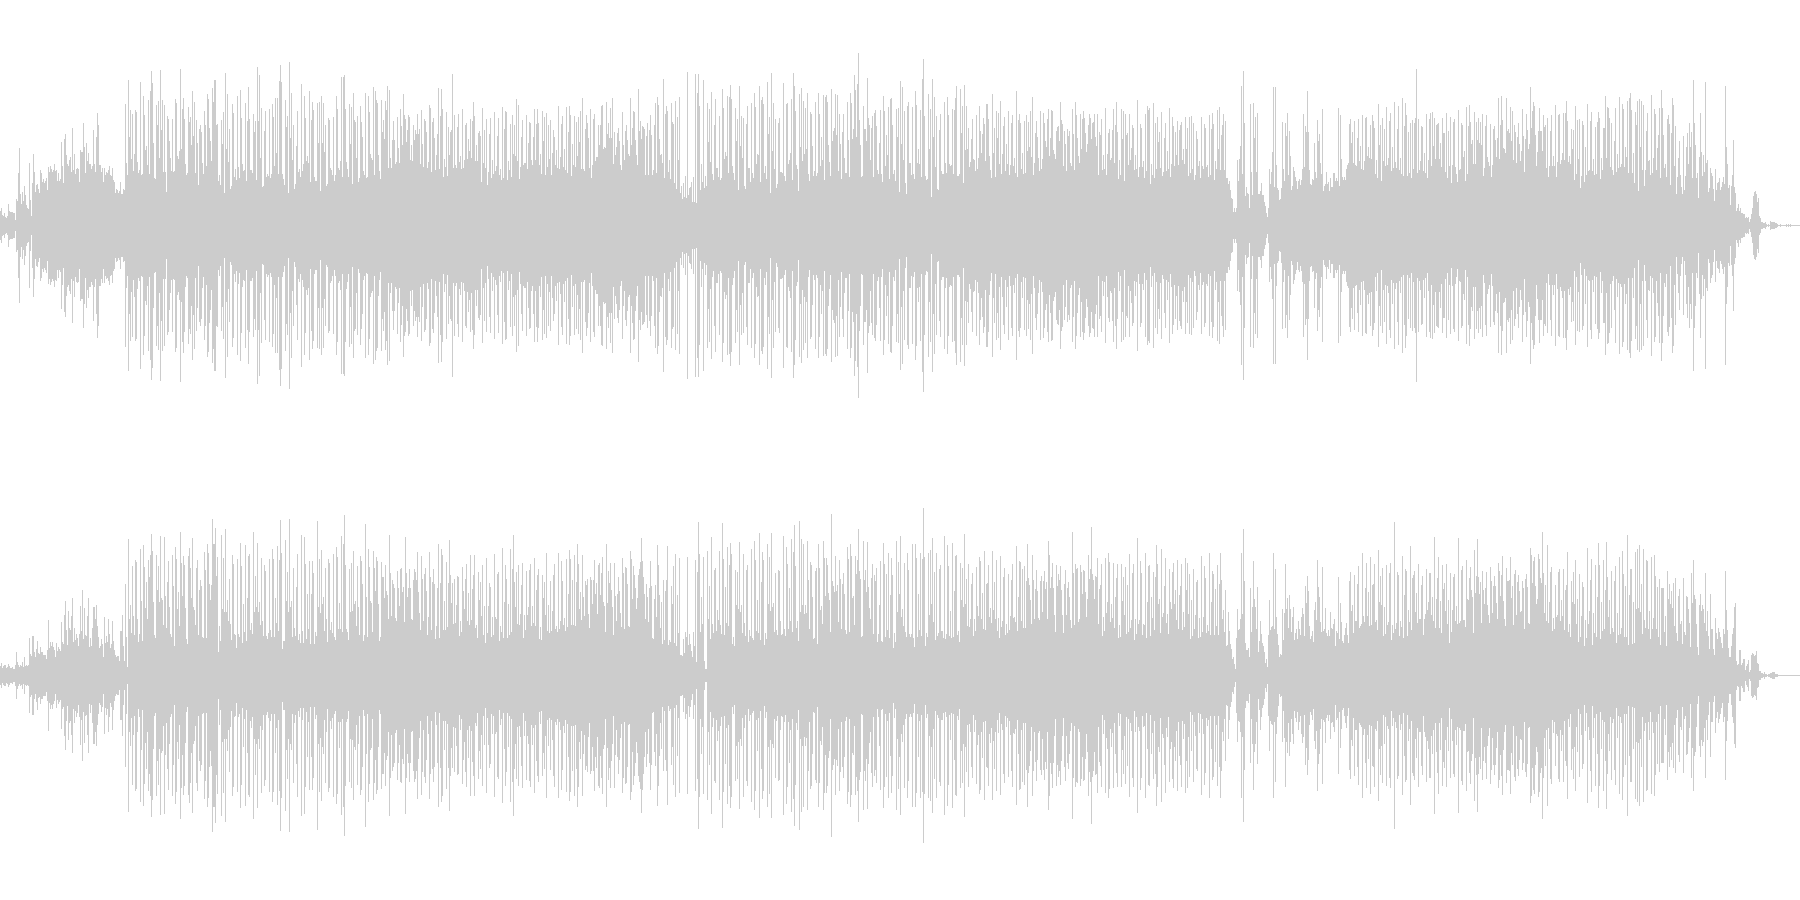 綺麗な雰囲気のピアノR&B調サウンドの未再生の波形